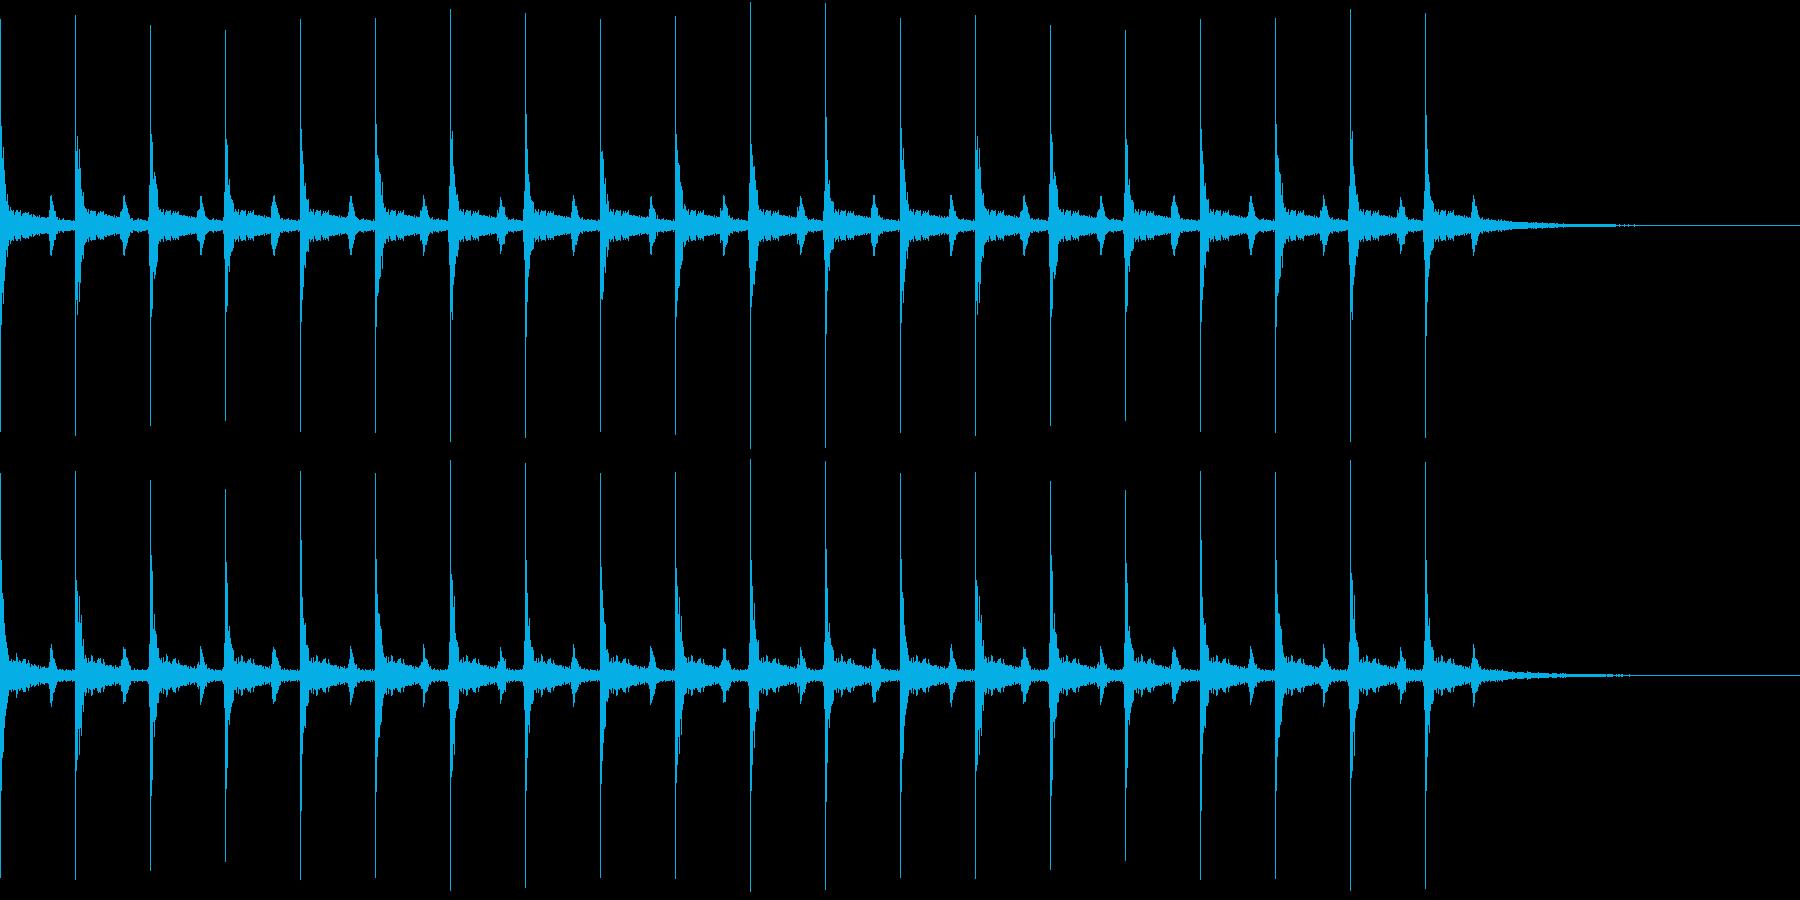 心の中の音シリーズ 時計の秒針と心臓音の再生済みの波形